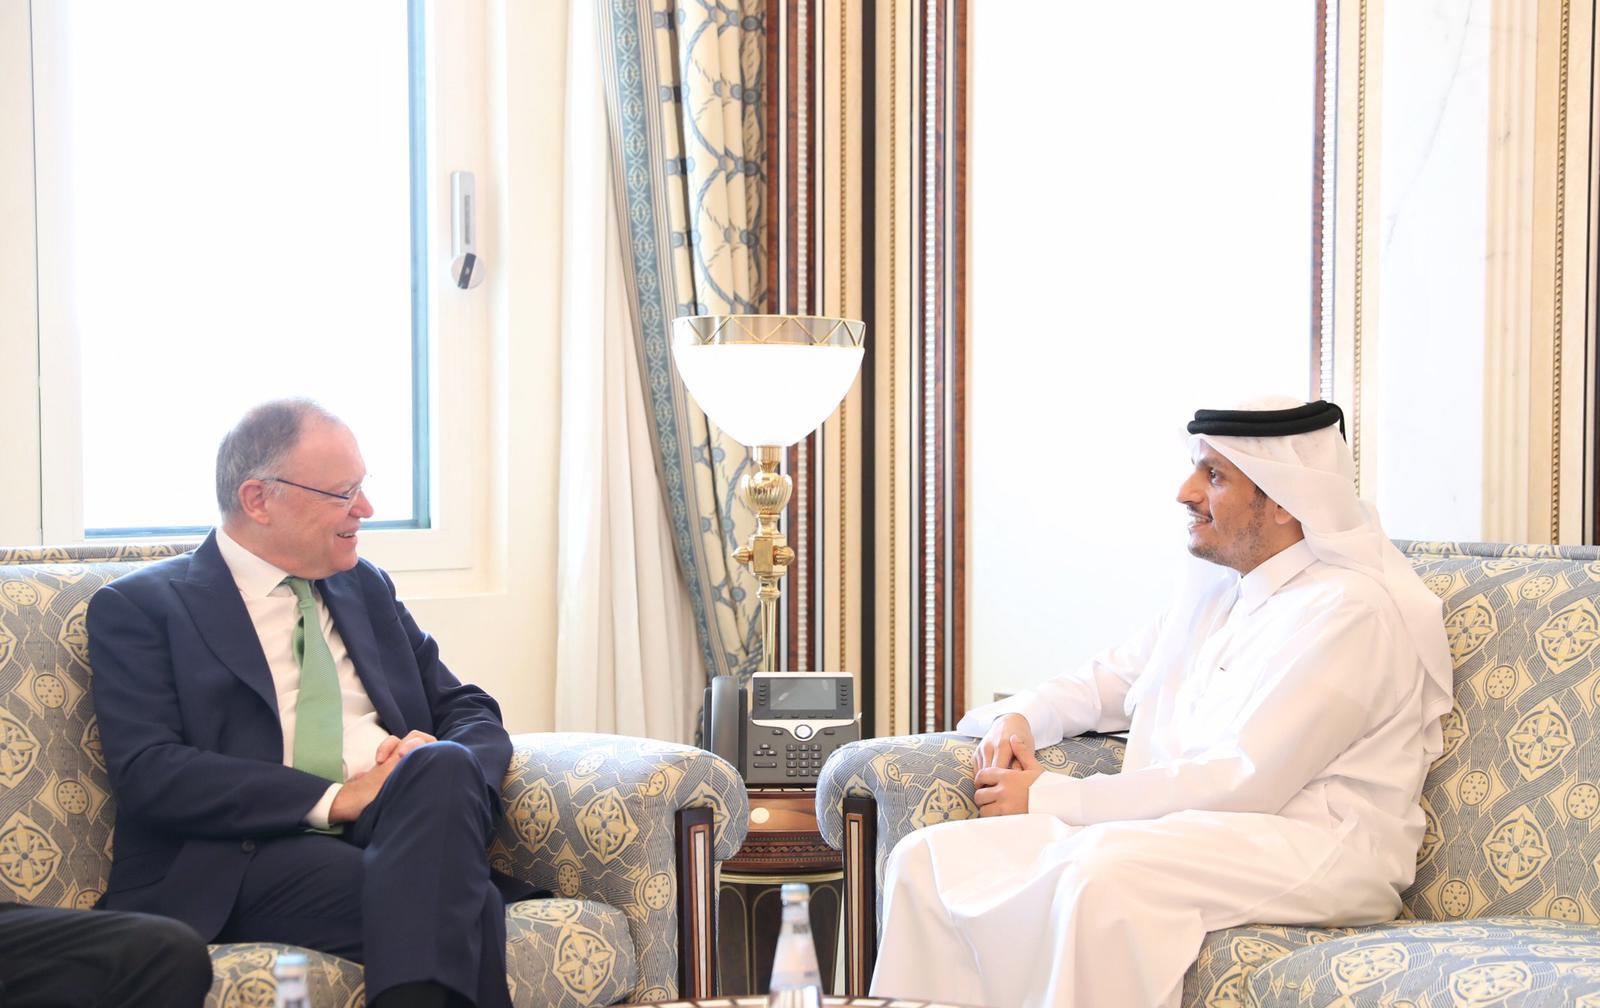 نائب رئيس مجلس الوزراء وزير الخارجية يجتمع مع رئيس وزراء ولاية /ساكسونيا السفلى/ بألمانيا